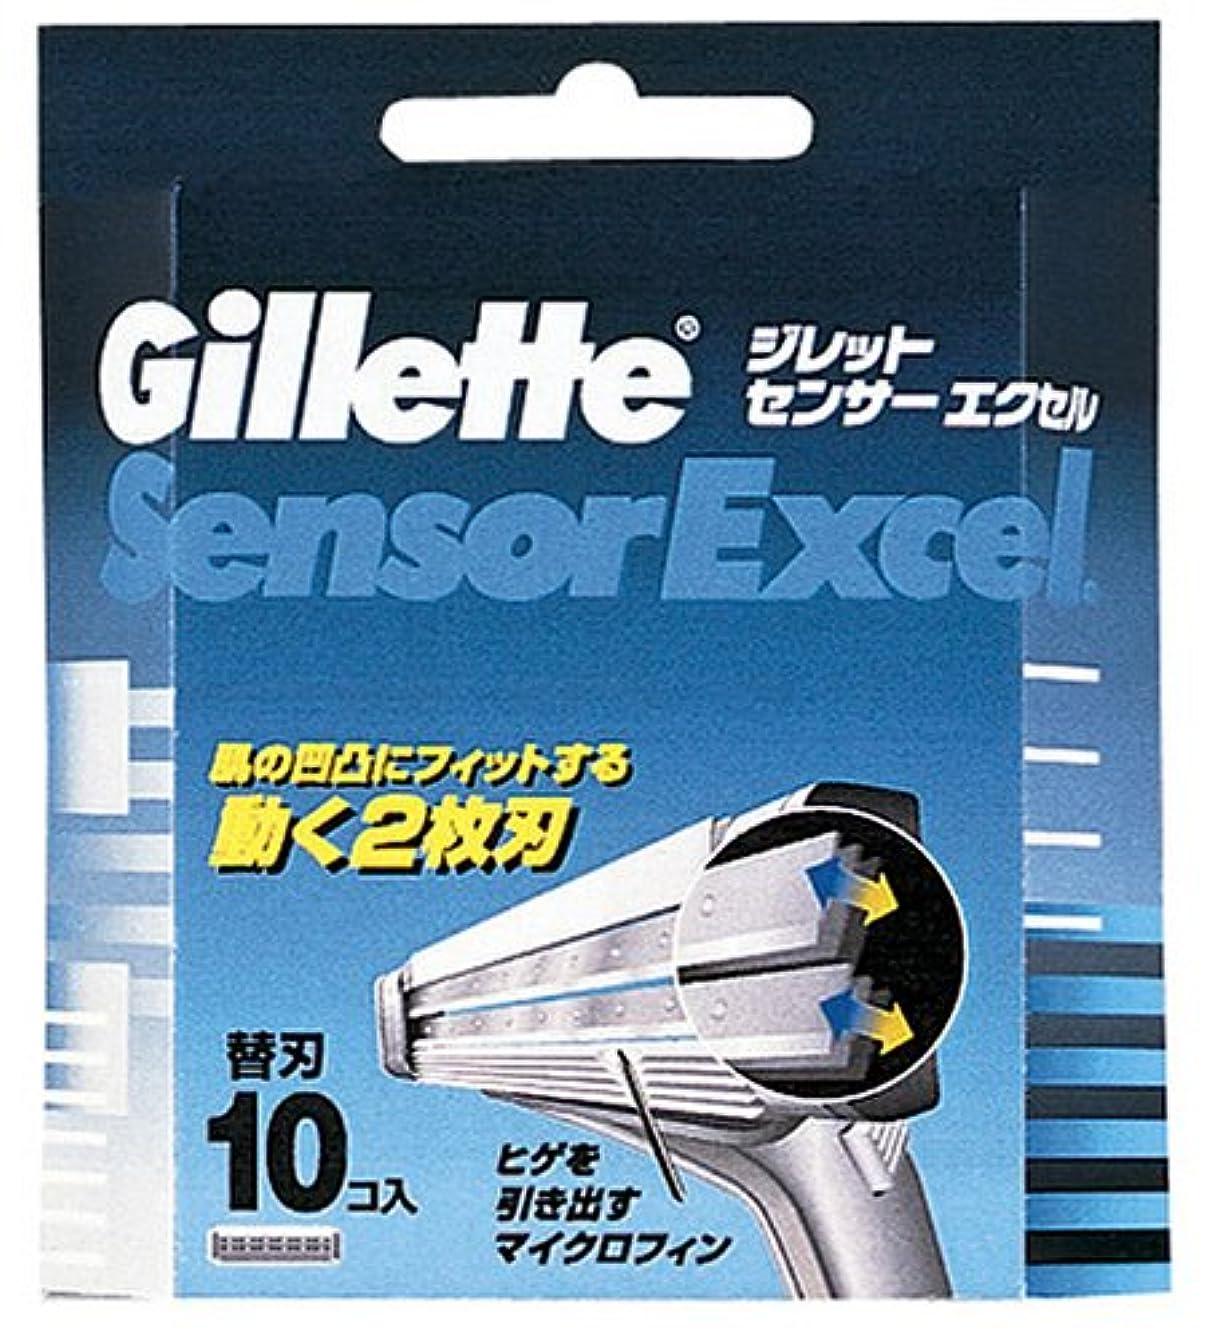 オーケストラ砂のおしゃれなジレット 髭剃り D58センサーエクセル専用替刃10個入